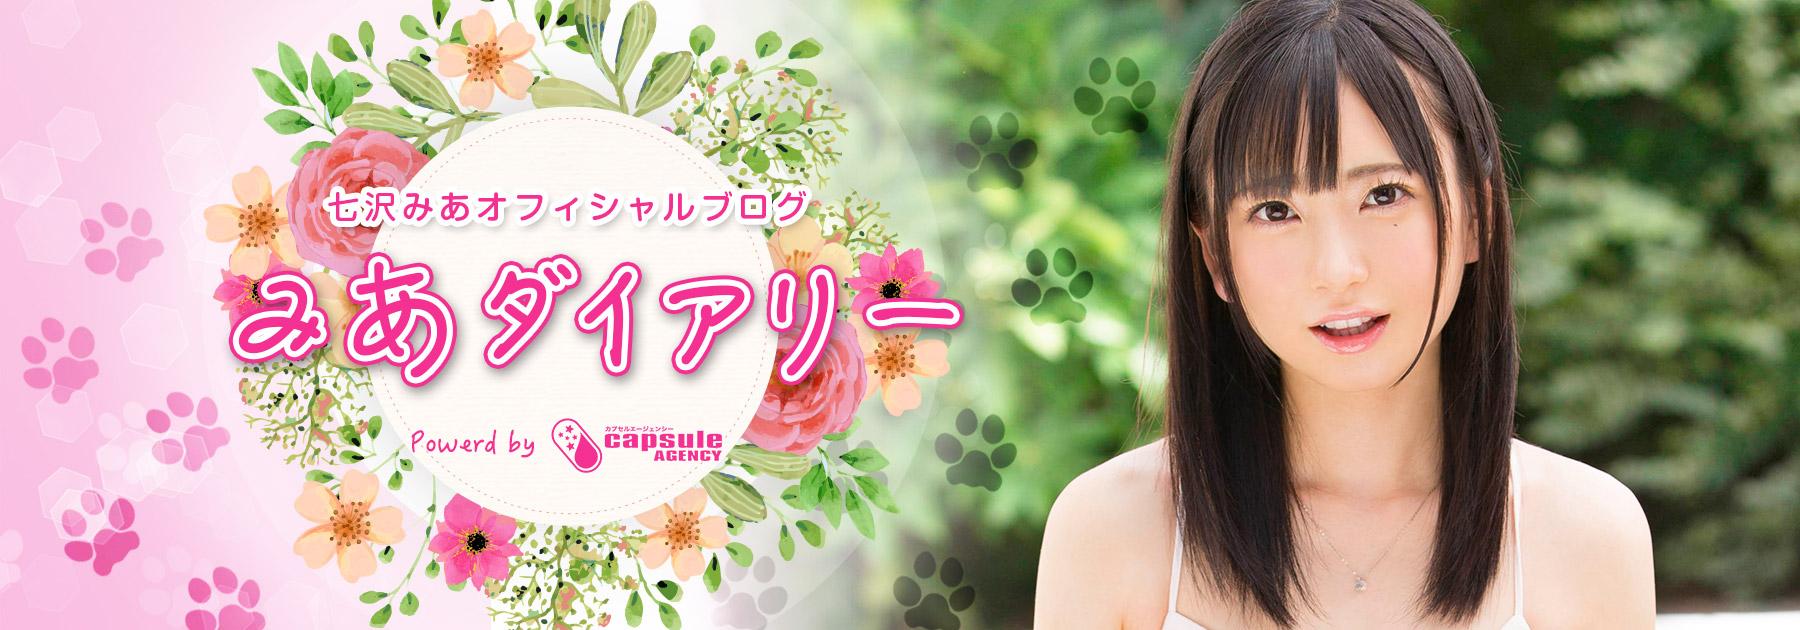 七沢みあオフィシャルブログ